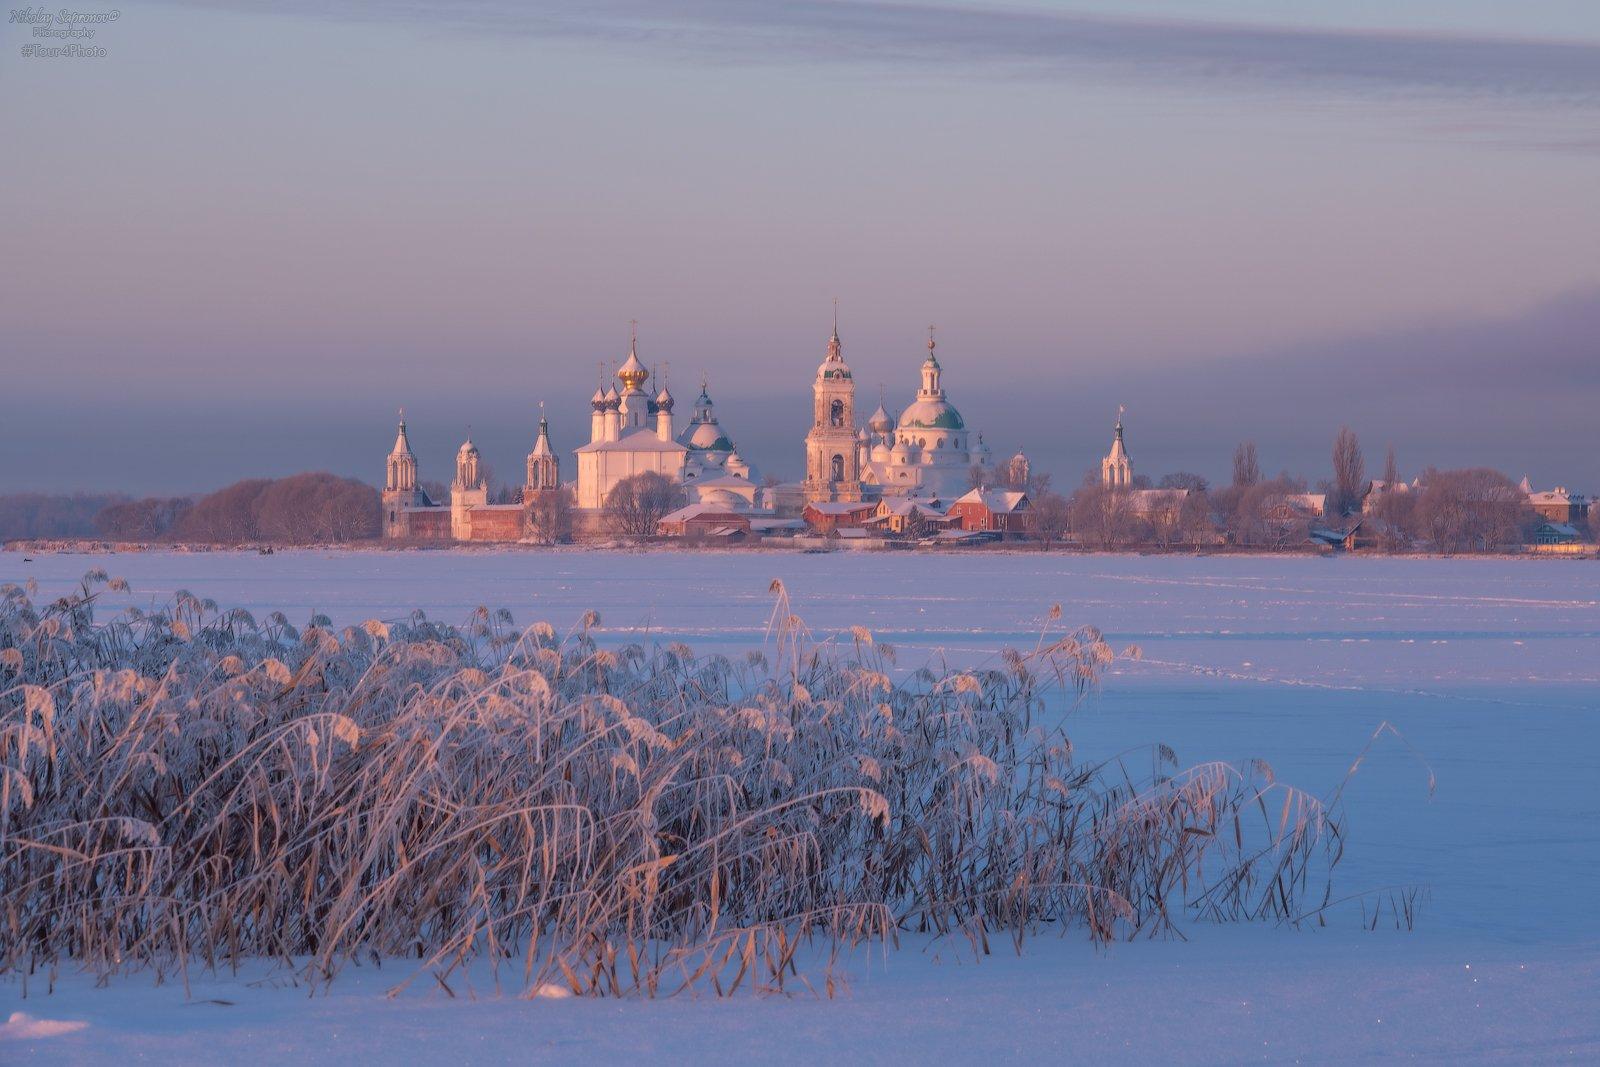 неро, ярославская область, ростов великий, спасо-яковлевский монастырь, зима, русская зима, рассвет, мороз, Николай Сапронов